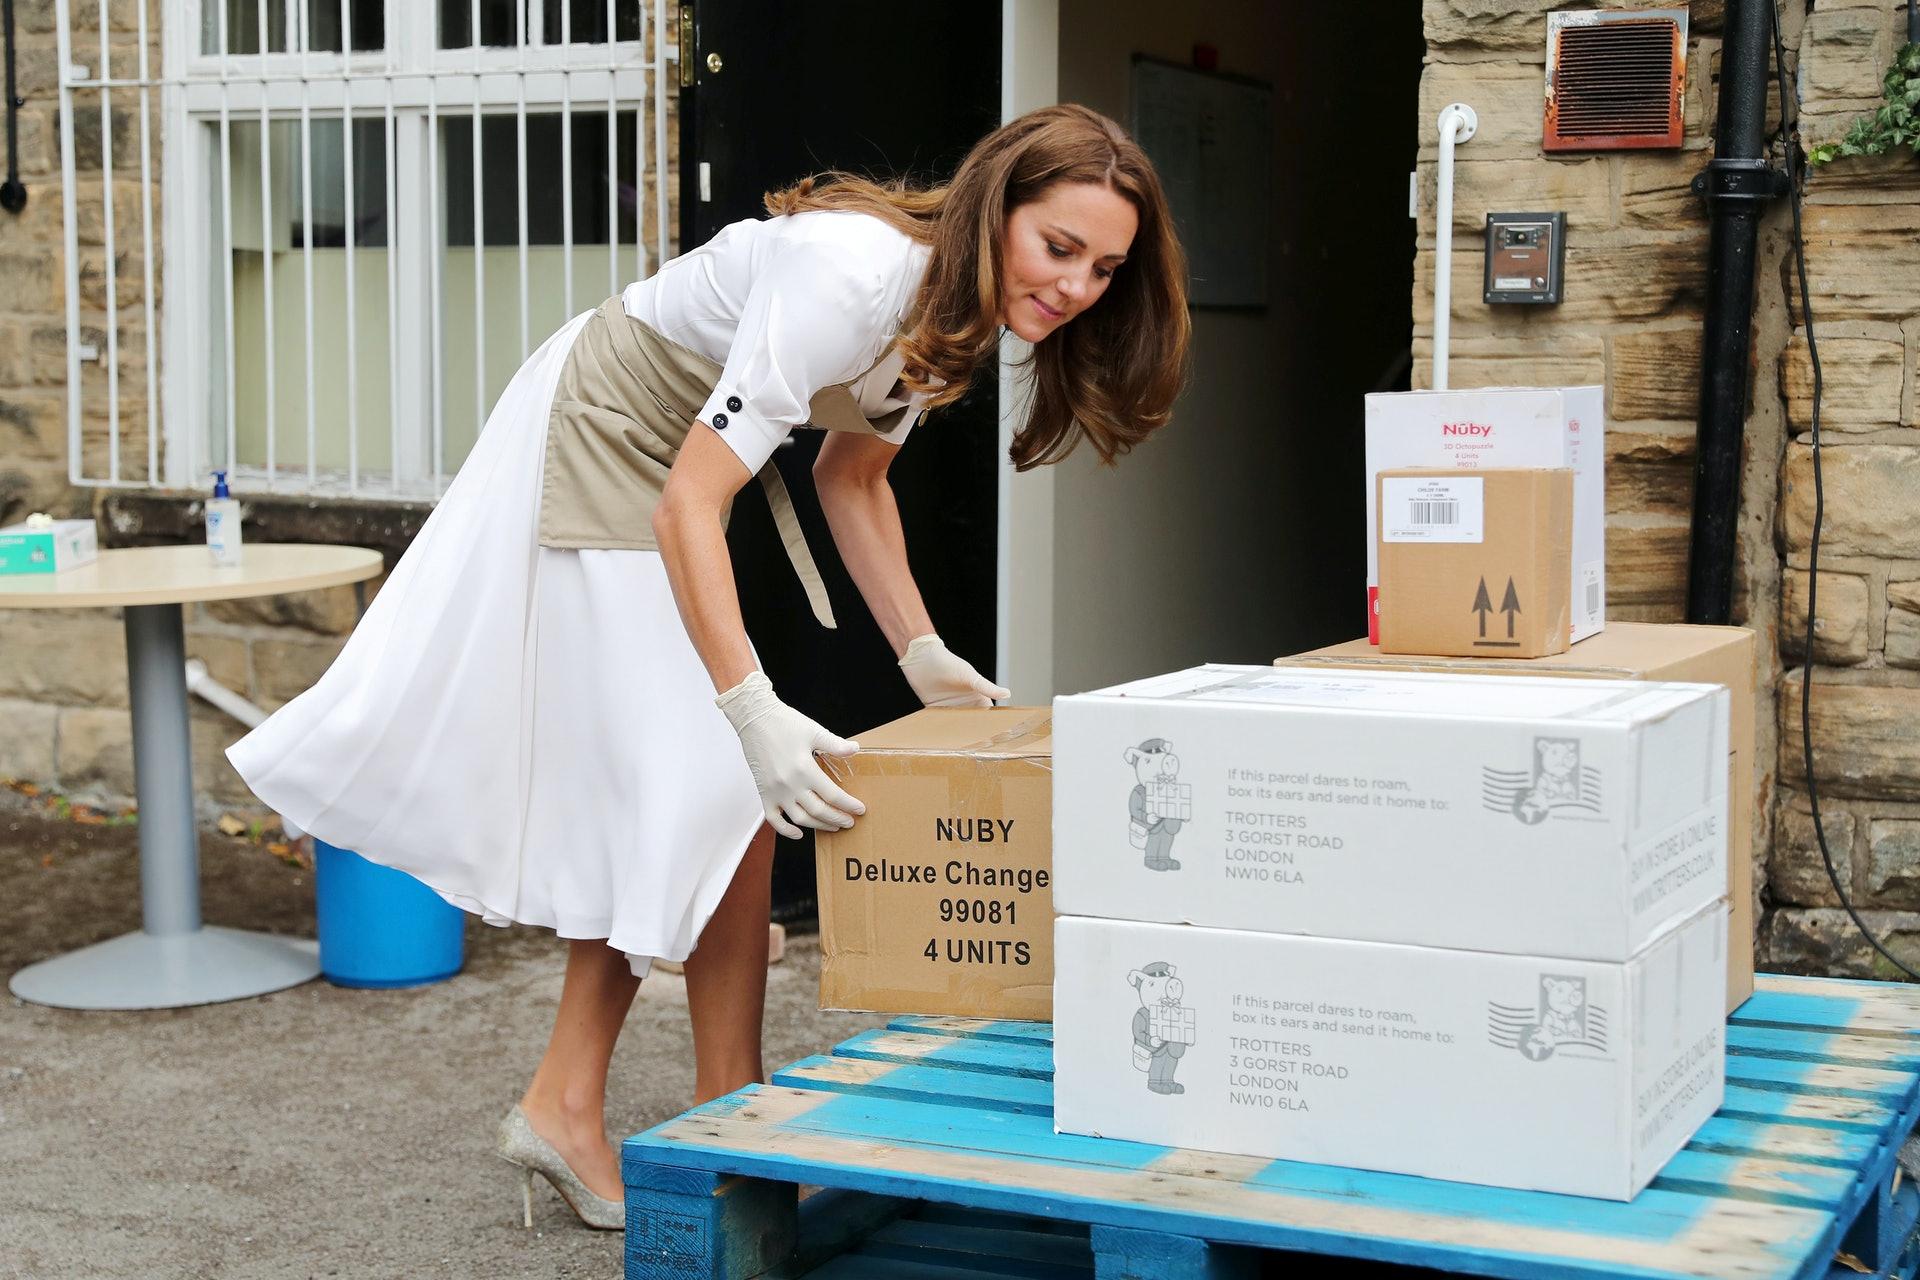 凯特首次戴口罩现身,碎花款口罩售价15英镑|新冠肺炎_新浪新闻